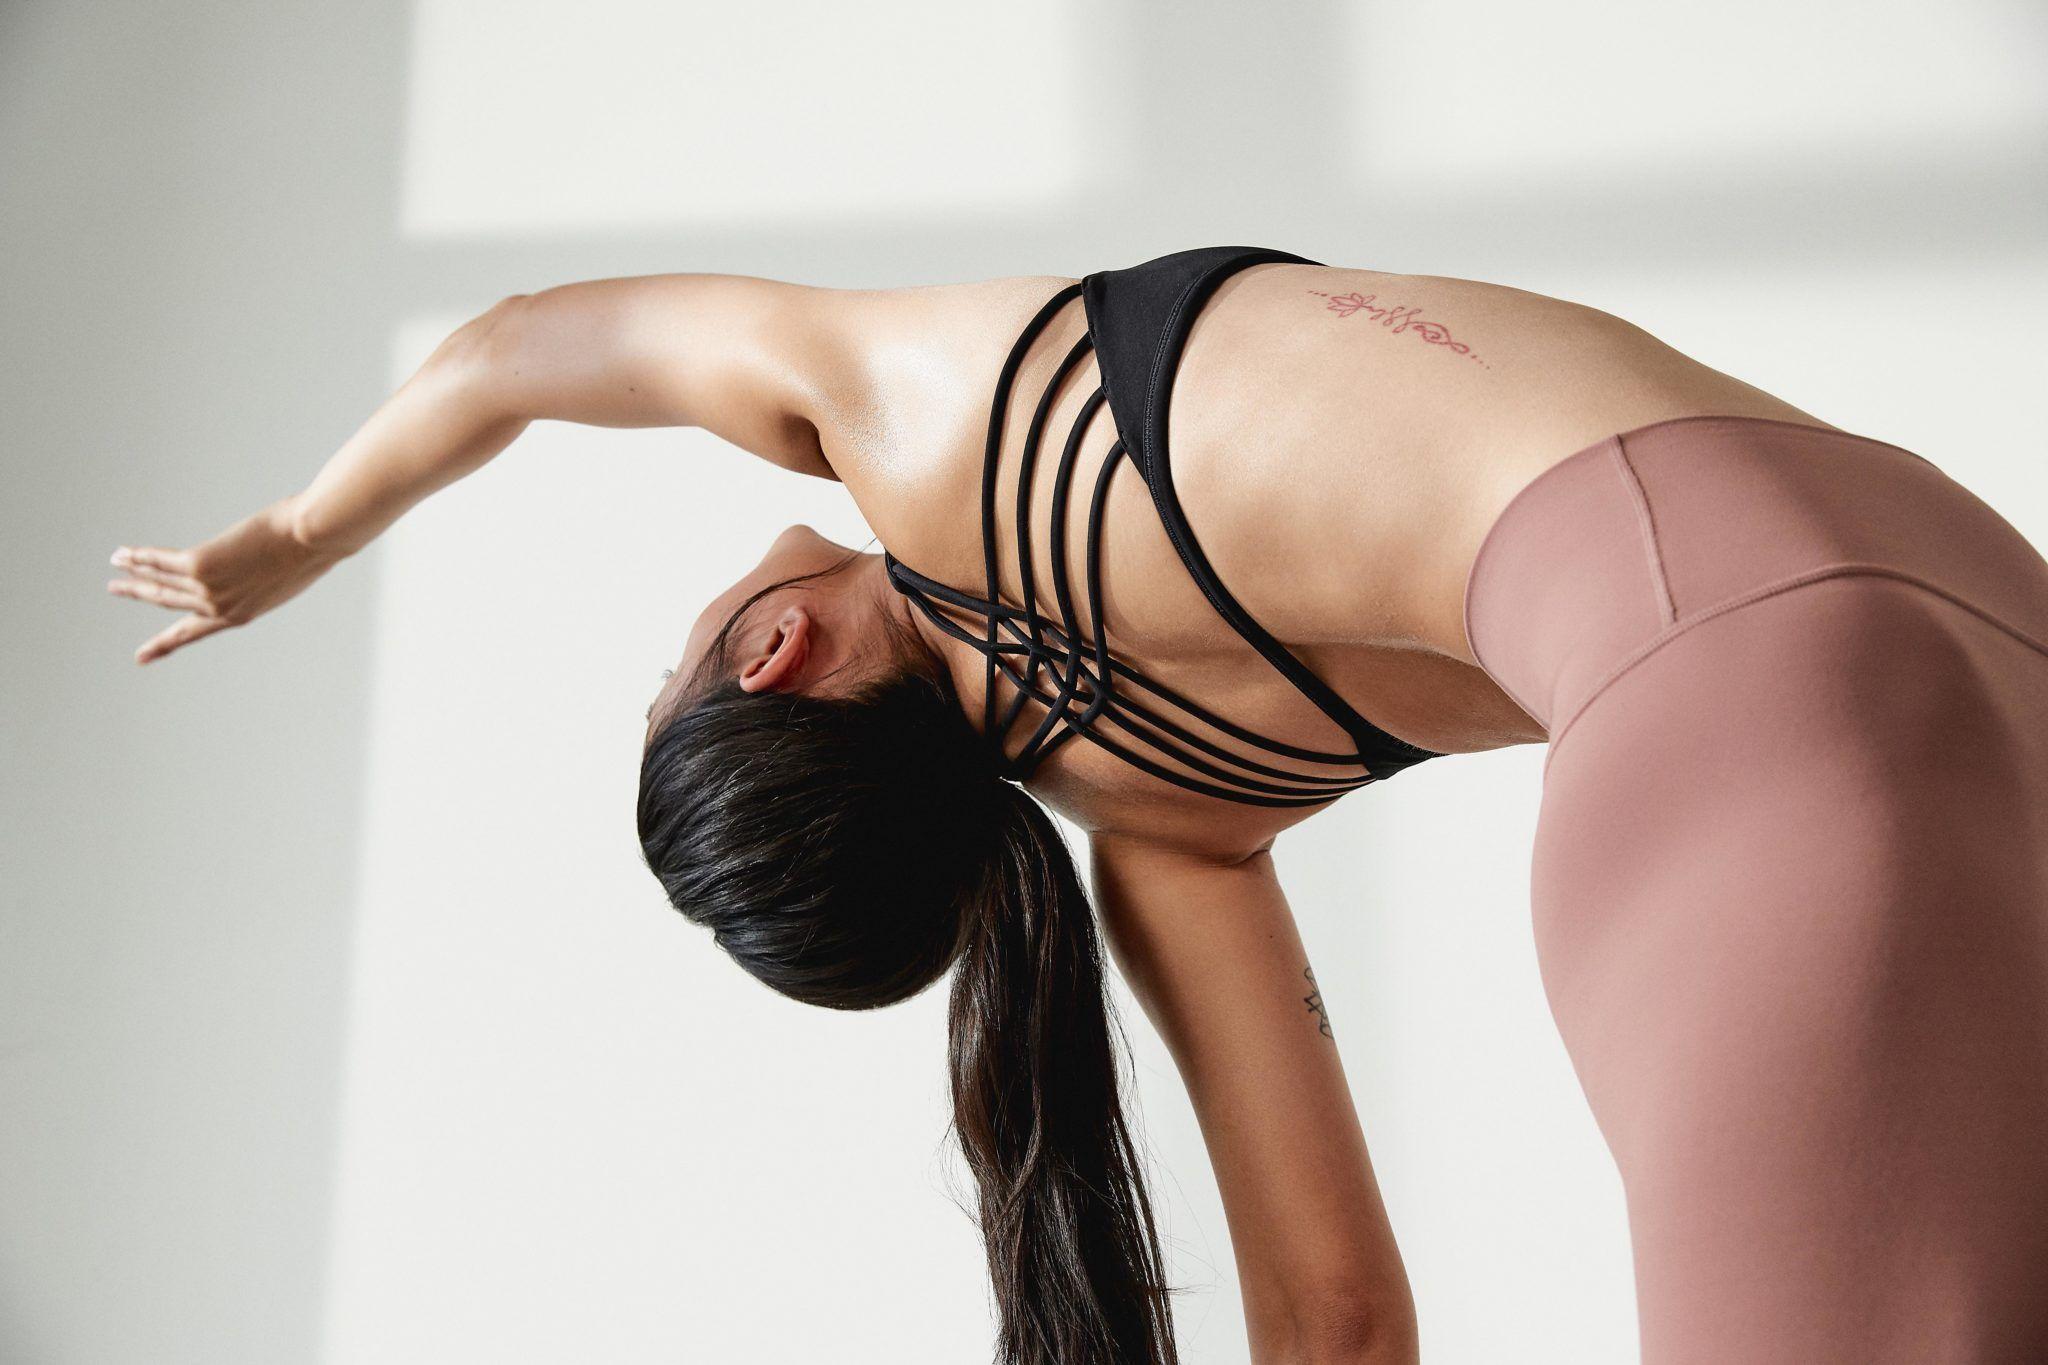 lululemon, align pant, yoga magazine, cover, karlijn visser